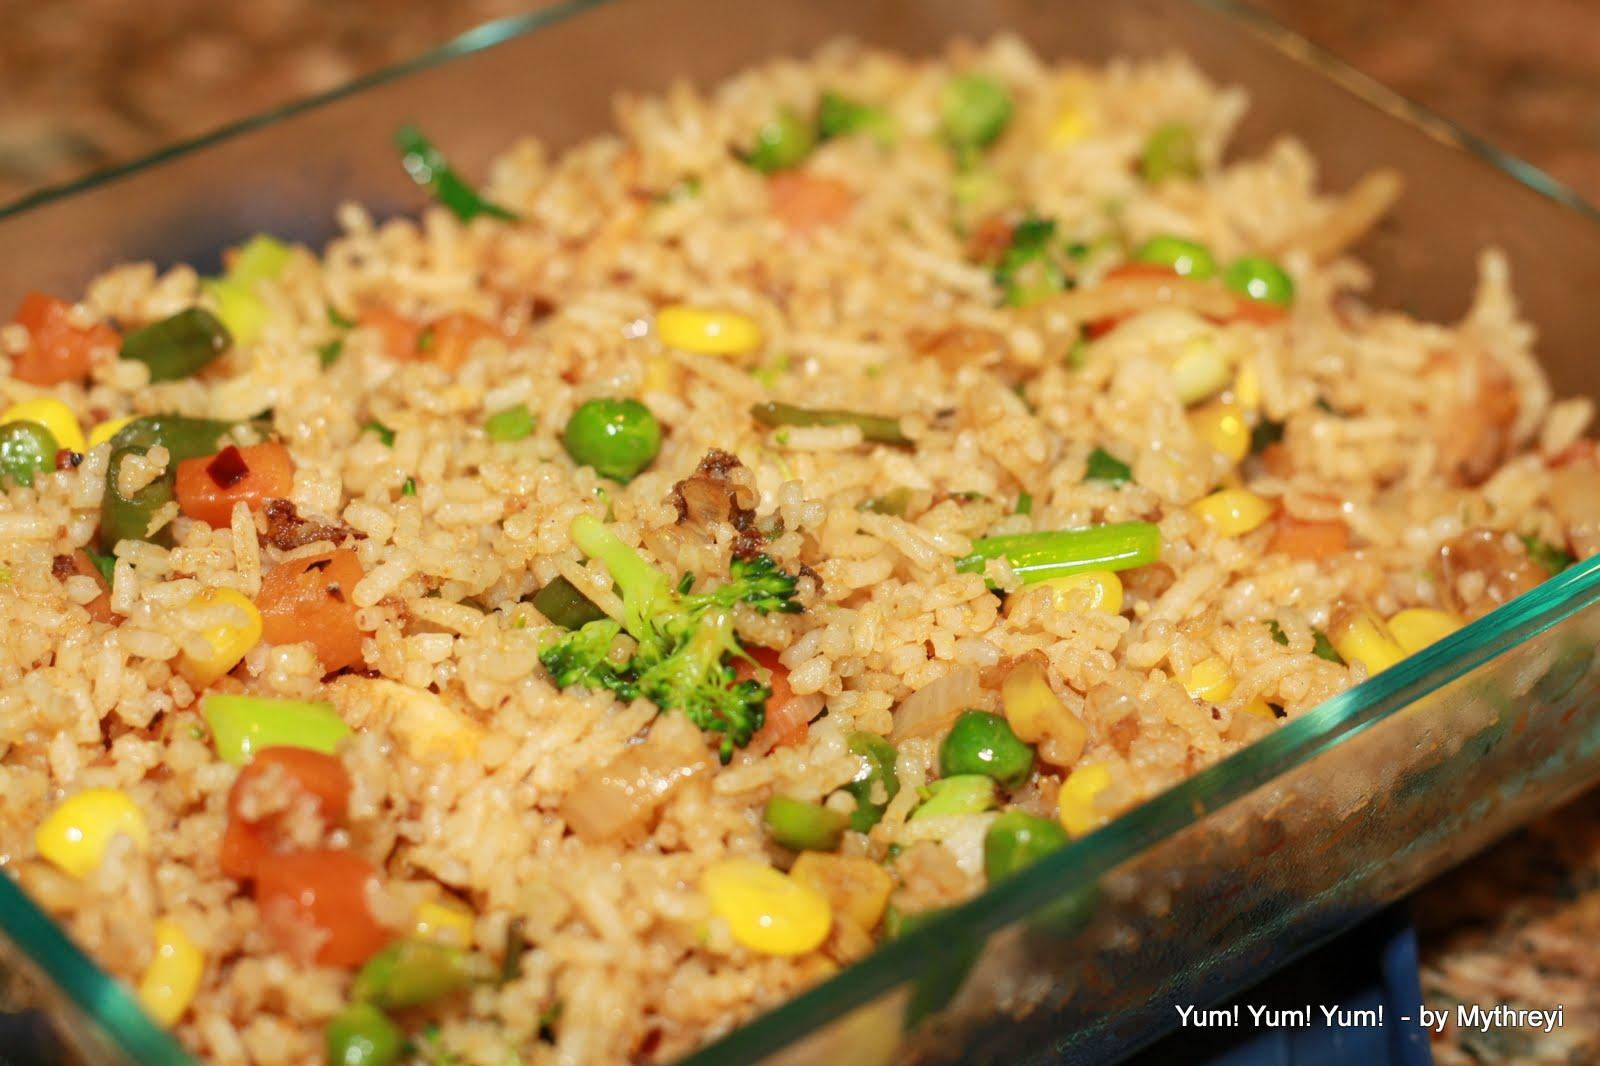 Yum yum yum chinese fried rice quick and easy chinese fried rice quick and easy ccuart Images